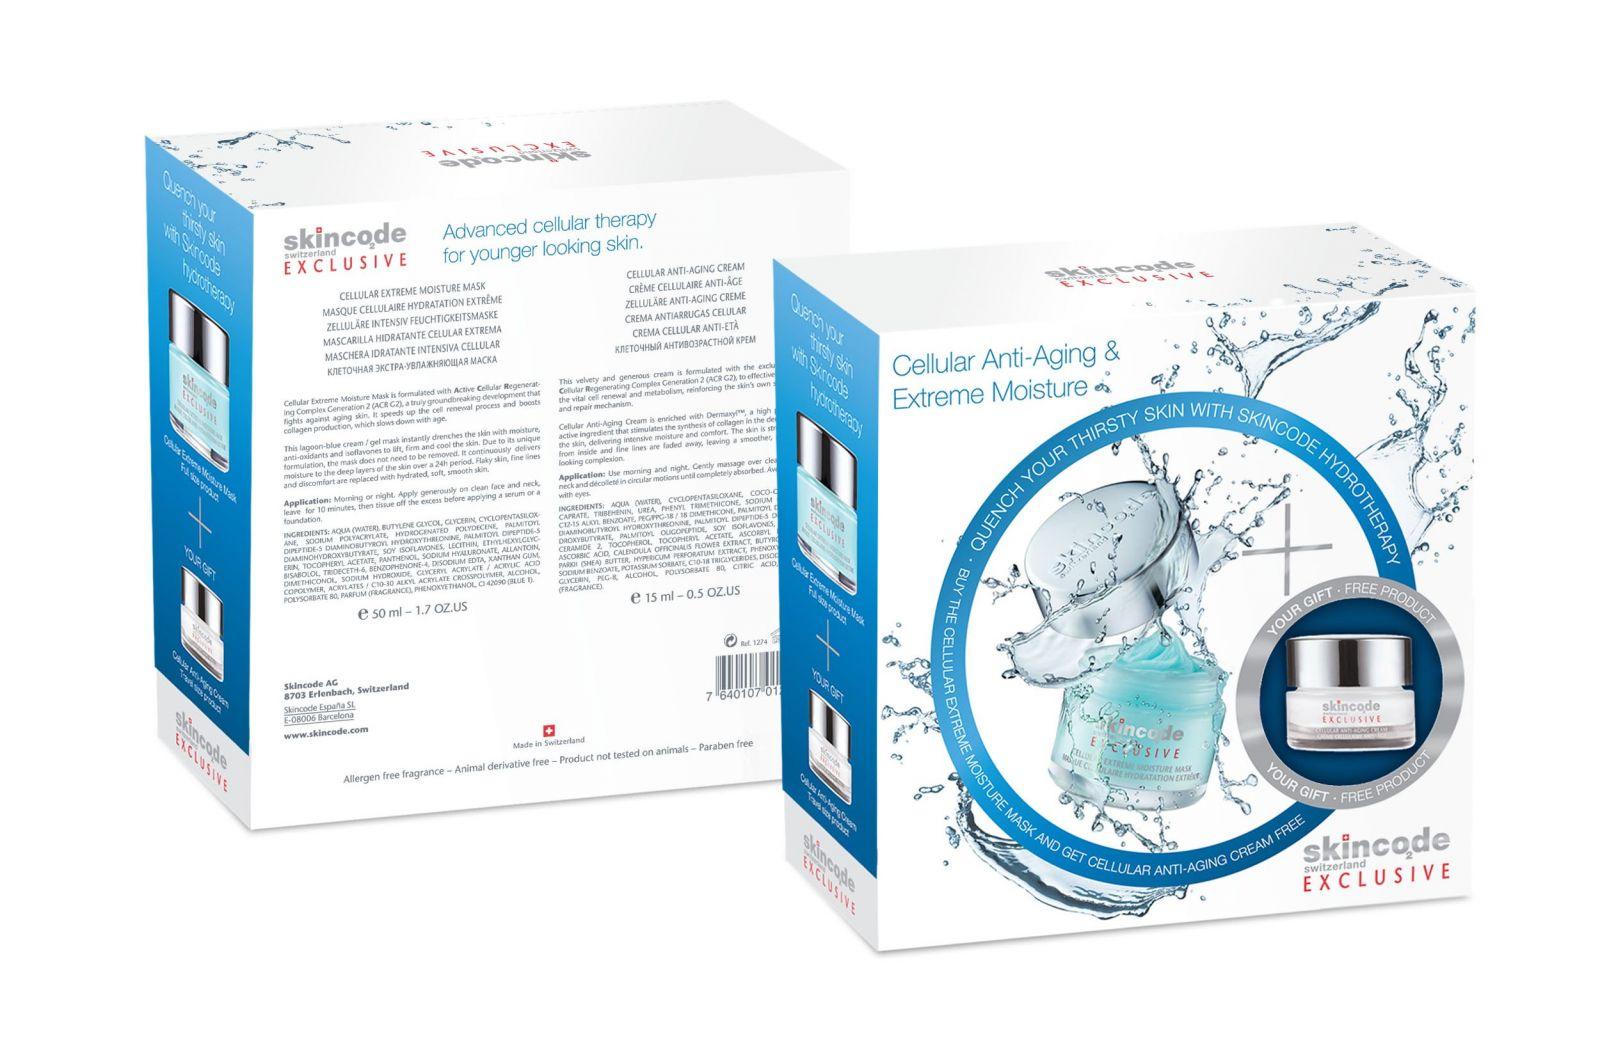 Подарочный набор Skincode Cellular Anti-Aging